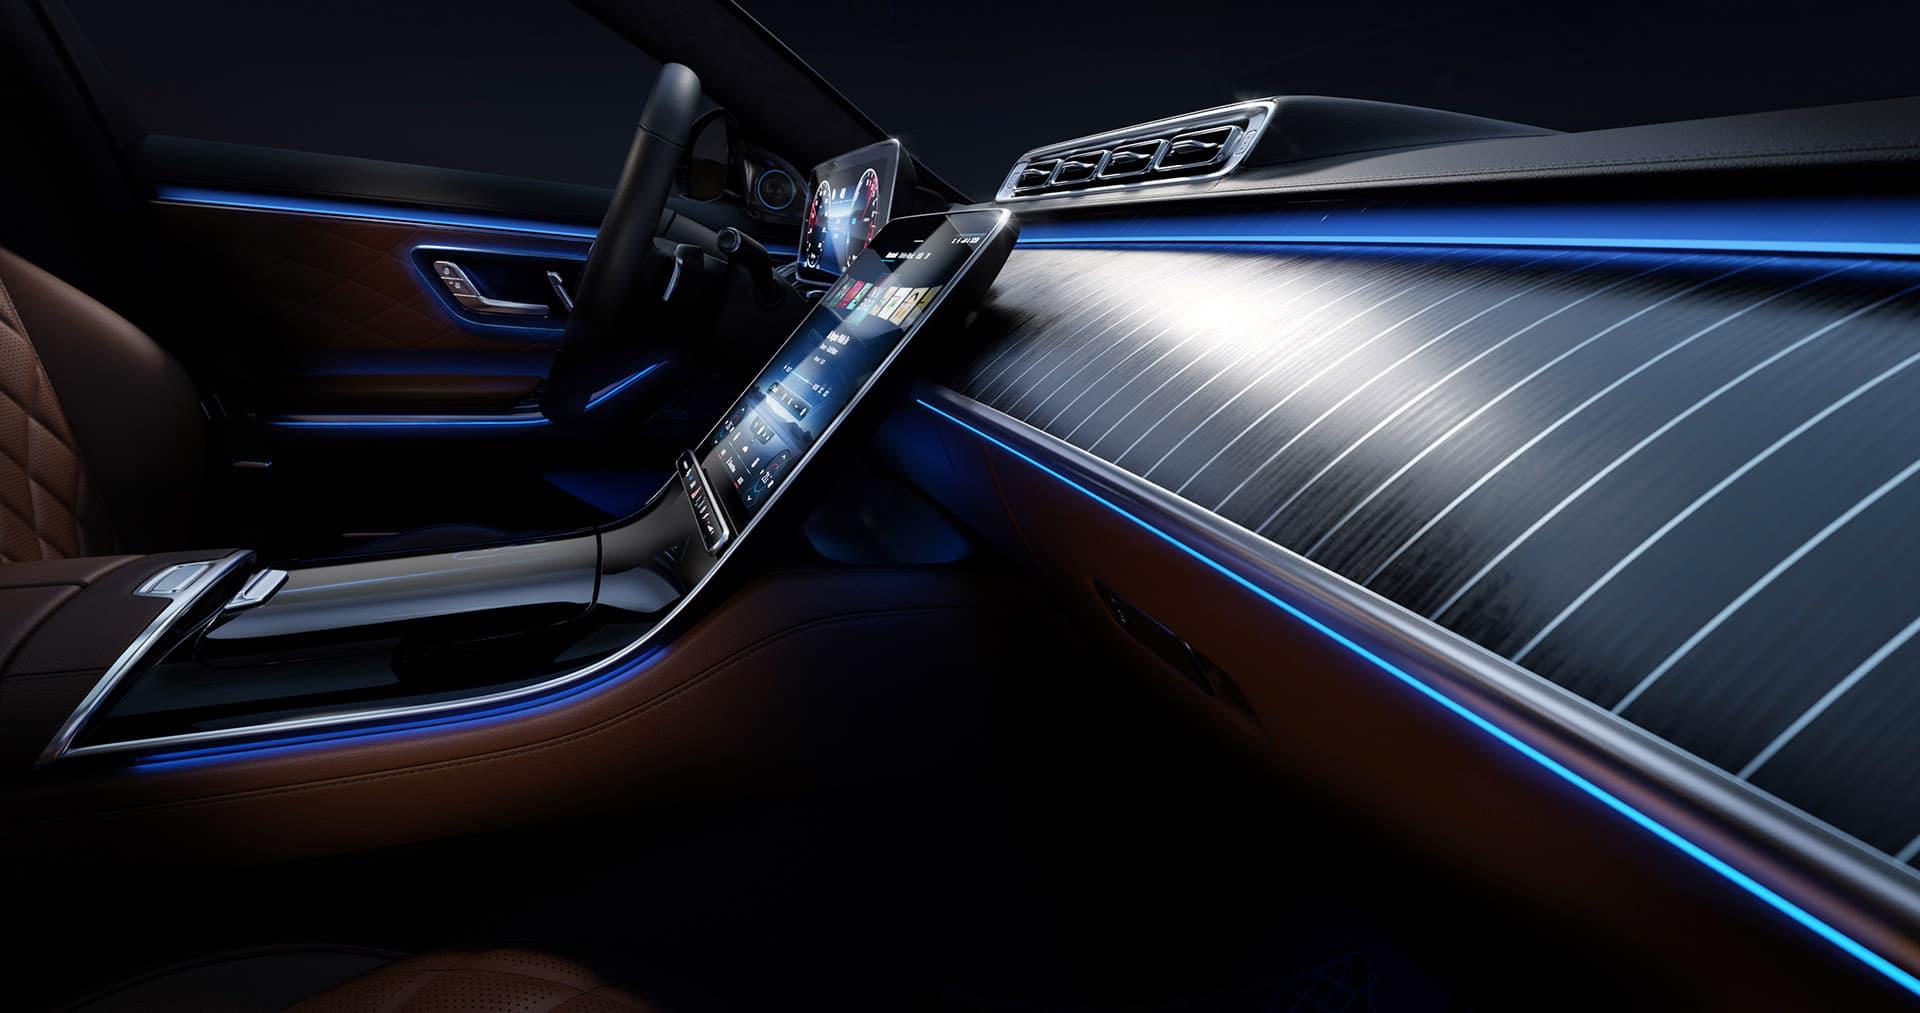 Mercedes-Benz S-Class - останнє слово у світі розкоші